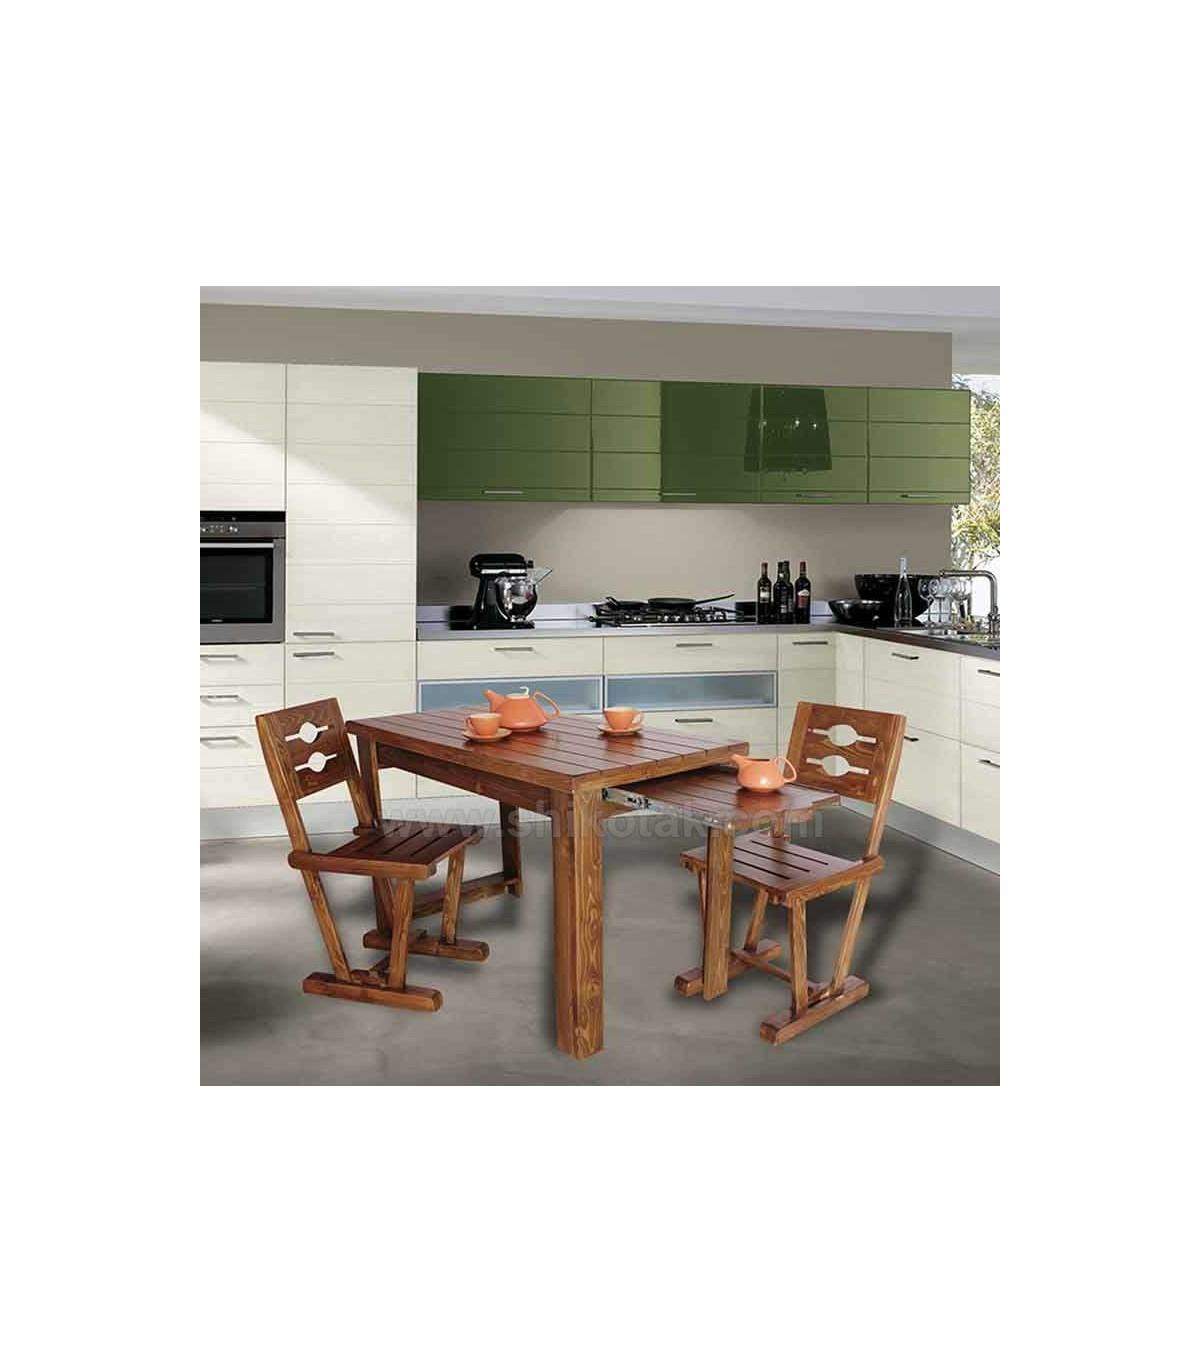 جدیدترین مدل میز ناهار خوری کشو دار چوبی بلند سری 414D